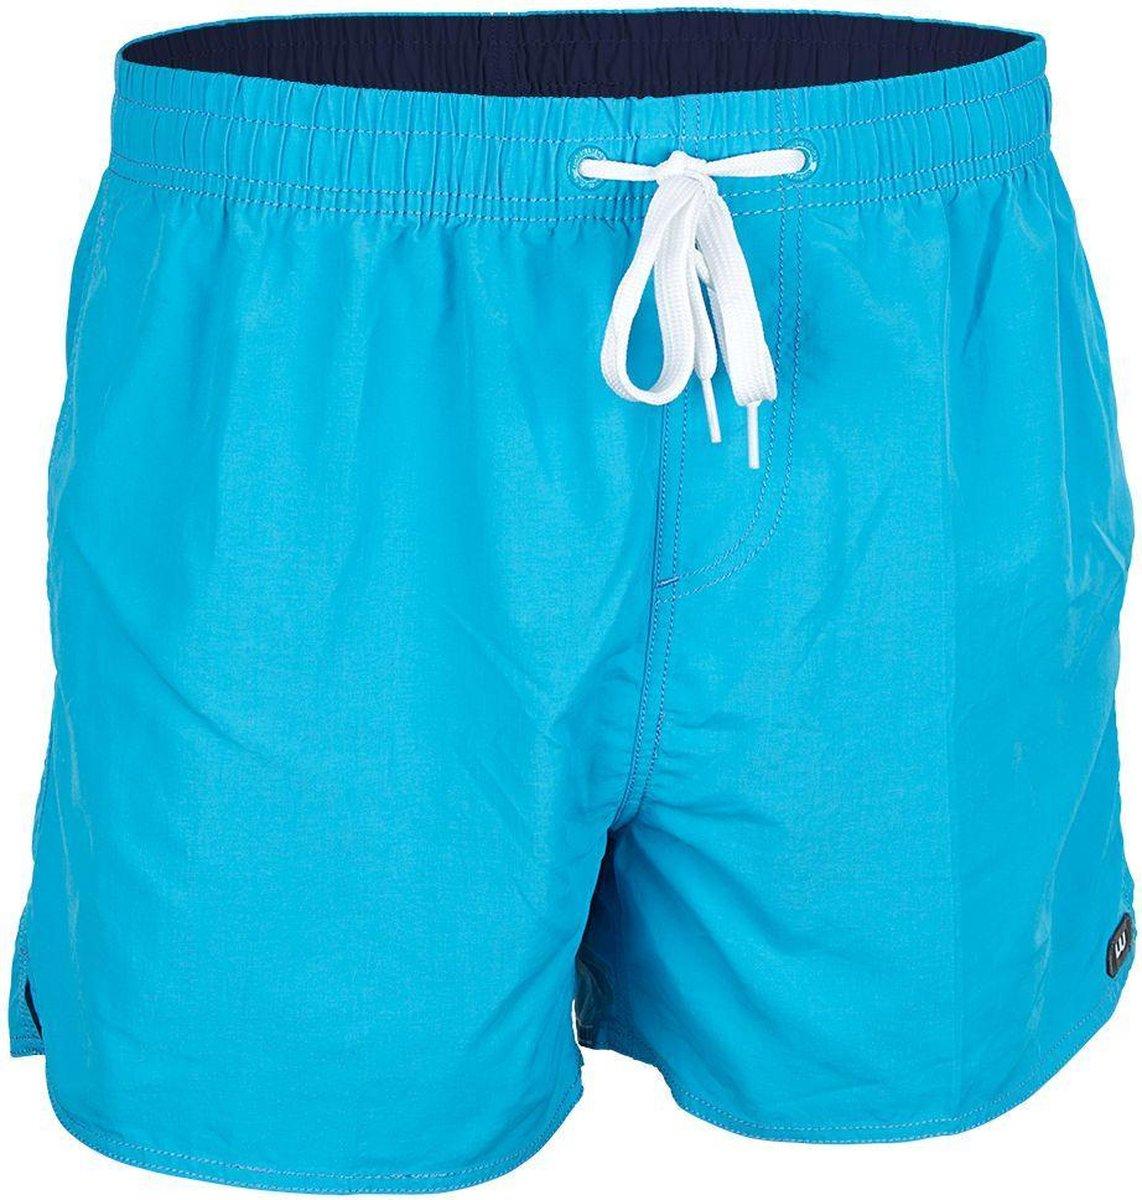 Waimea Zwemshort Volwassenen - Miami - Blauw/Marine - L - Waimea